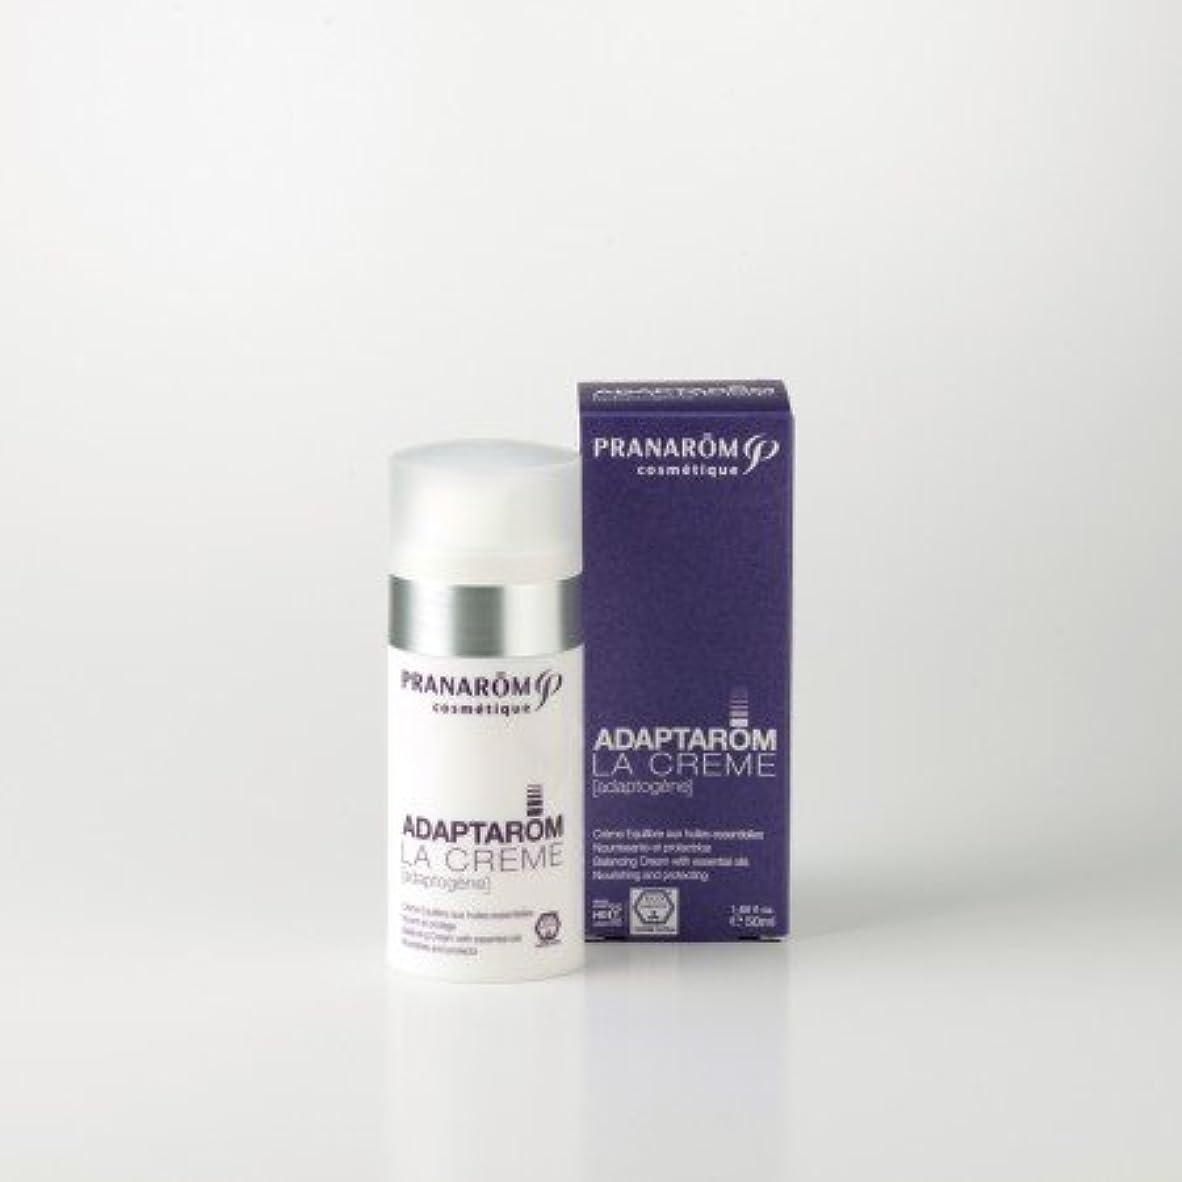 容量温度ポルティコプラナロム (PRANAROM) 基礎化粧品 アダプタロム?クリーム 50ml 12673